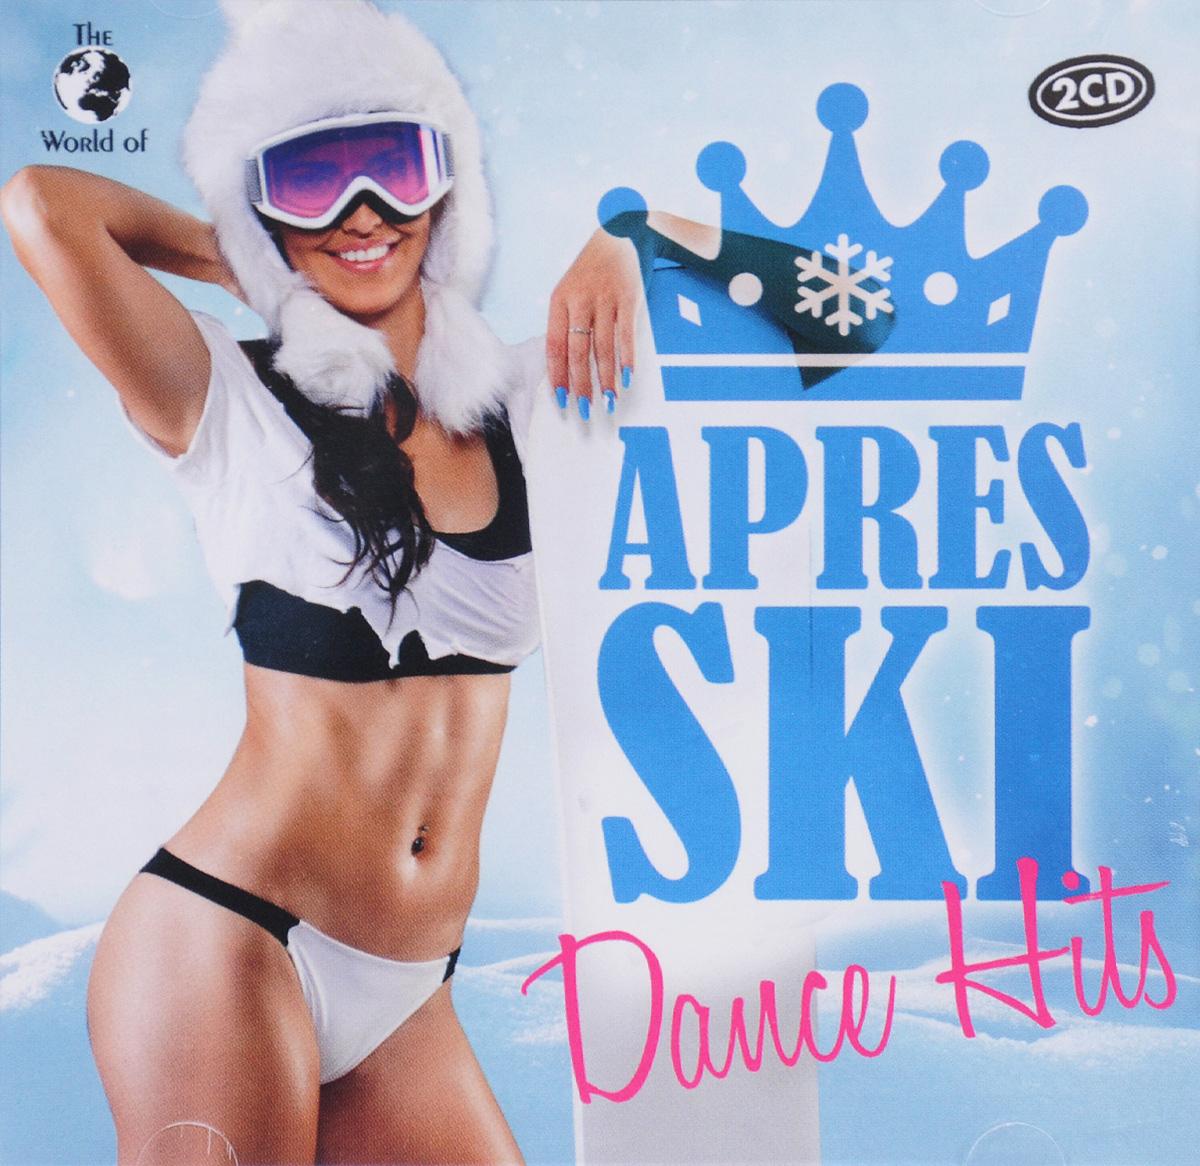 DJ Antoine,Italobrothers,Джин Илан,CJ Stone,Stard Ova,Майк Кэндис,U-Jean,Cascada,Ники Ромеро,Vicetone Apres Ski Dance Hits (2 CD)